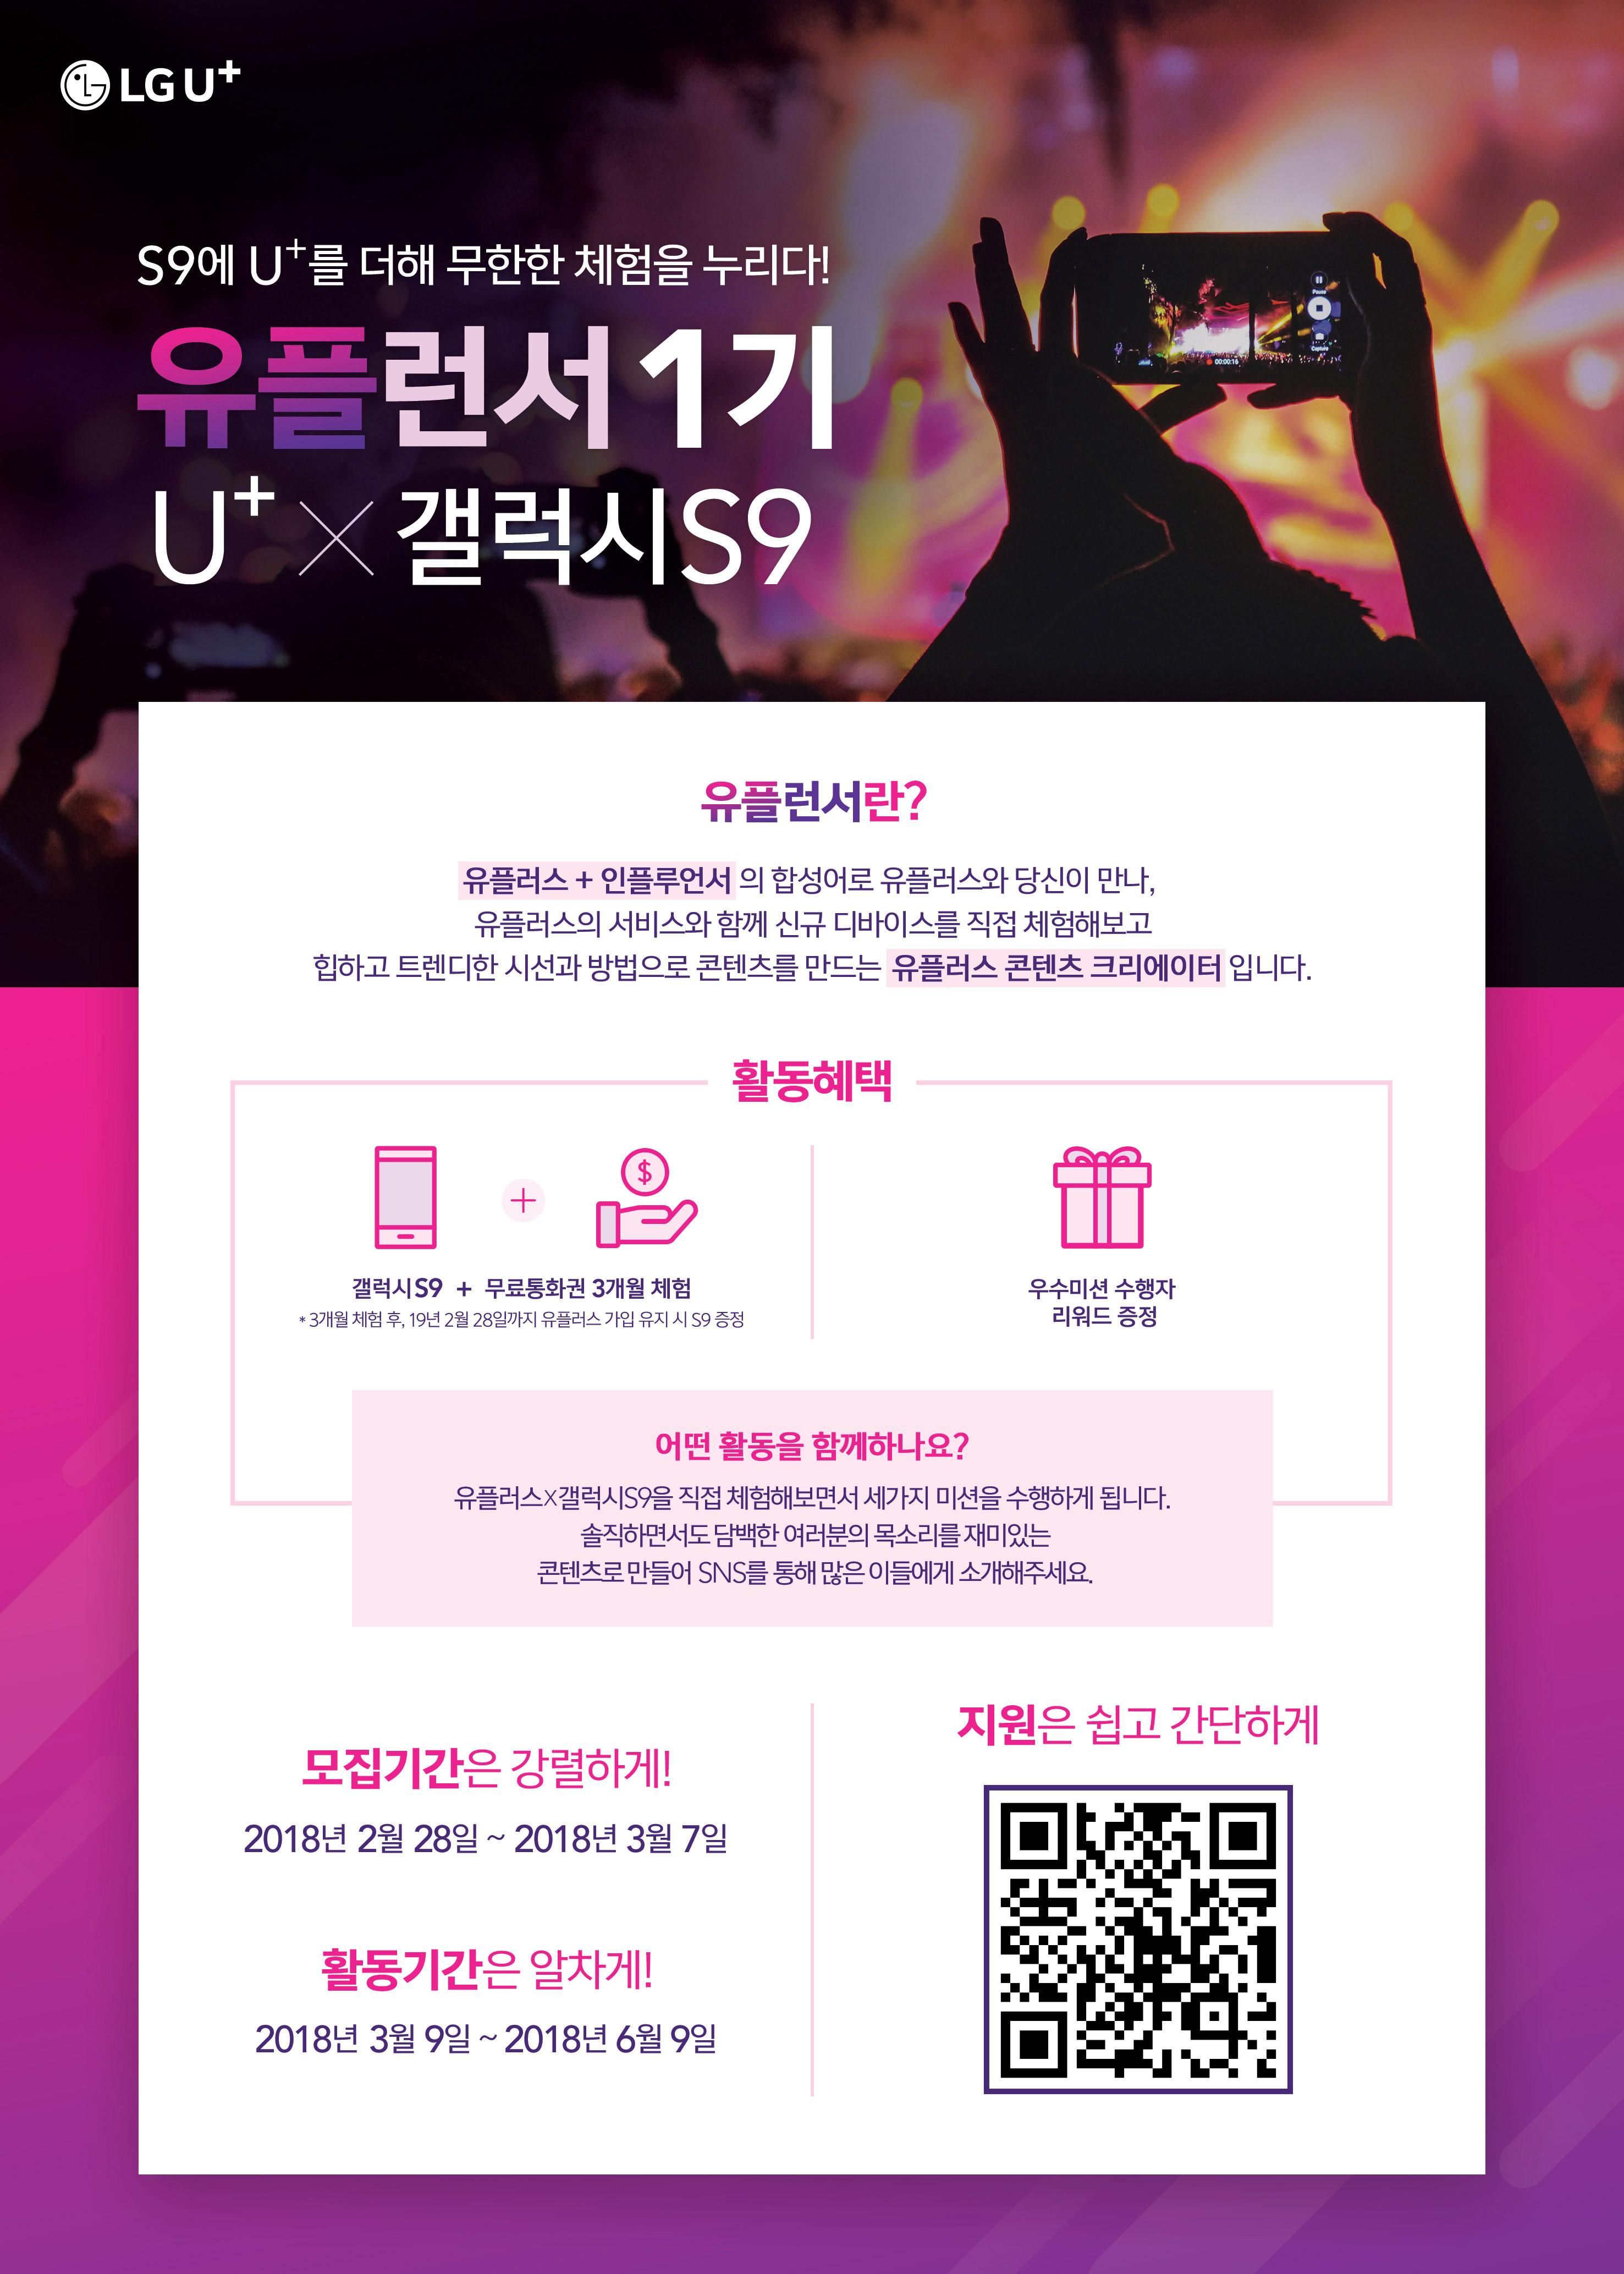 얼리어답터 주목! LG U+와 함께하는 갤S9 체험, '유플런서 1기' 모집 (~3/7)